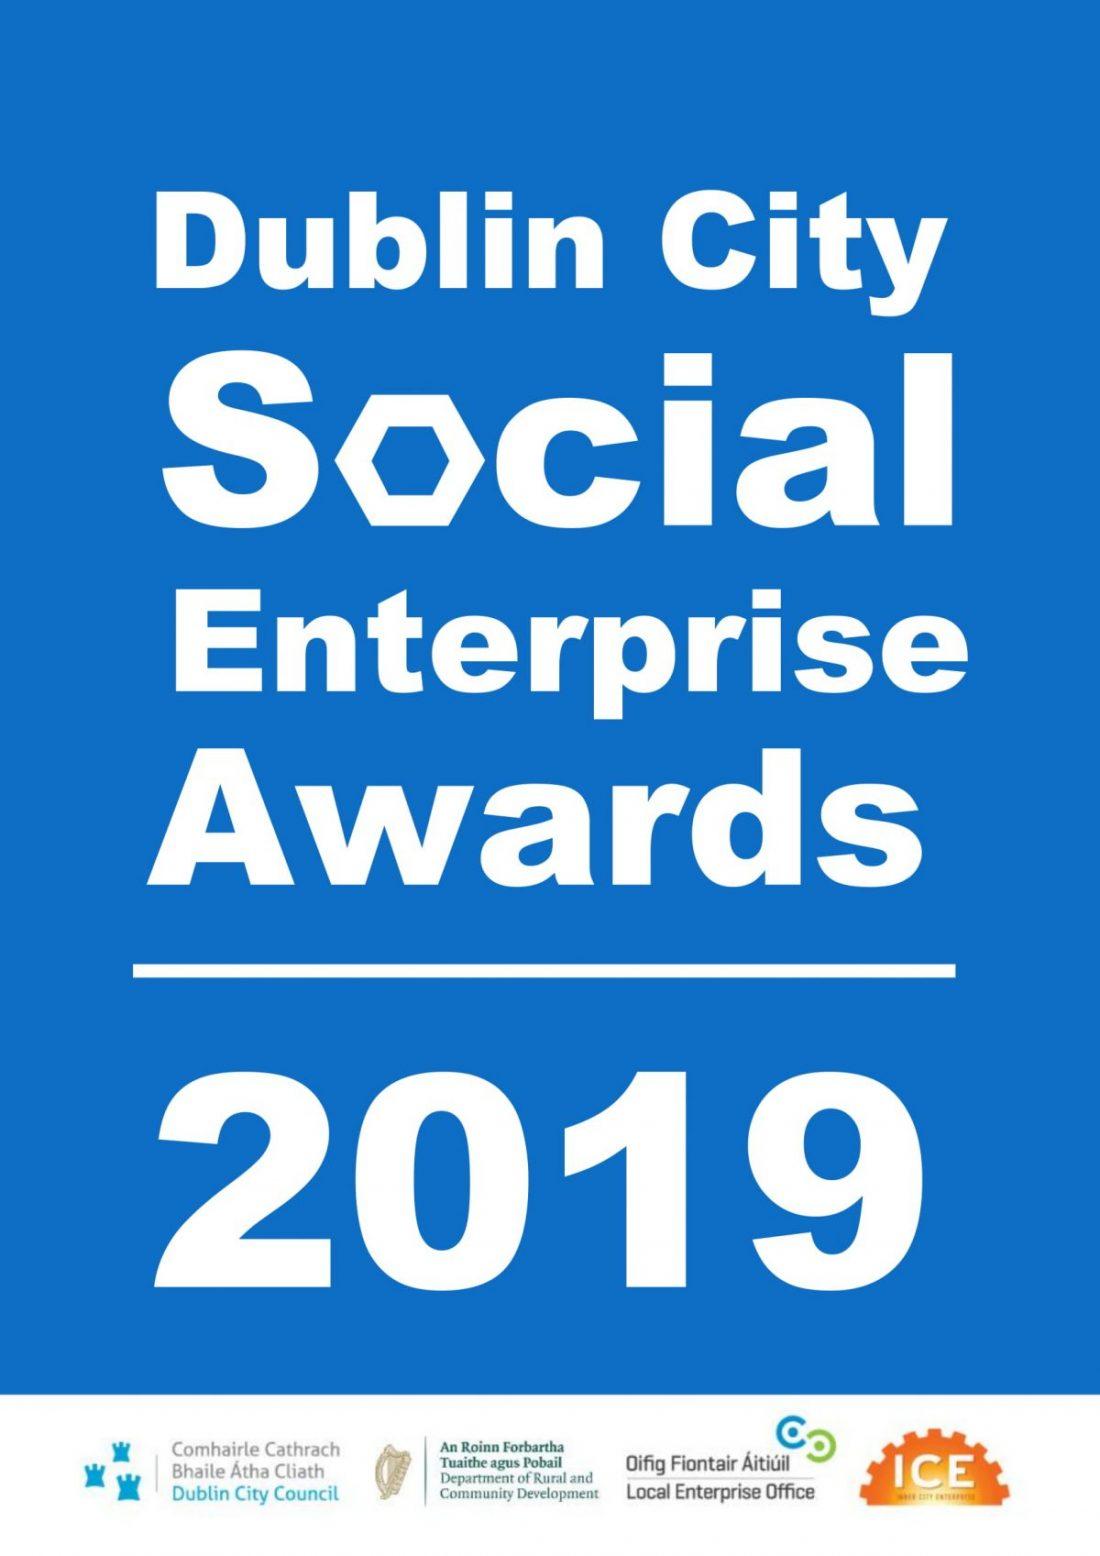 2019 Dublin City Social Enterprise Awards – Open Call For Applications